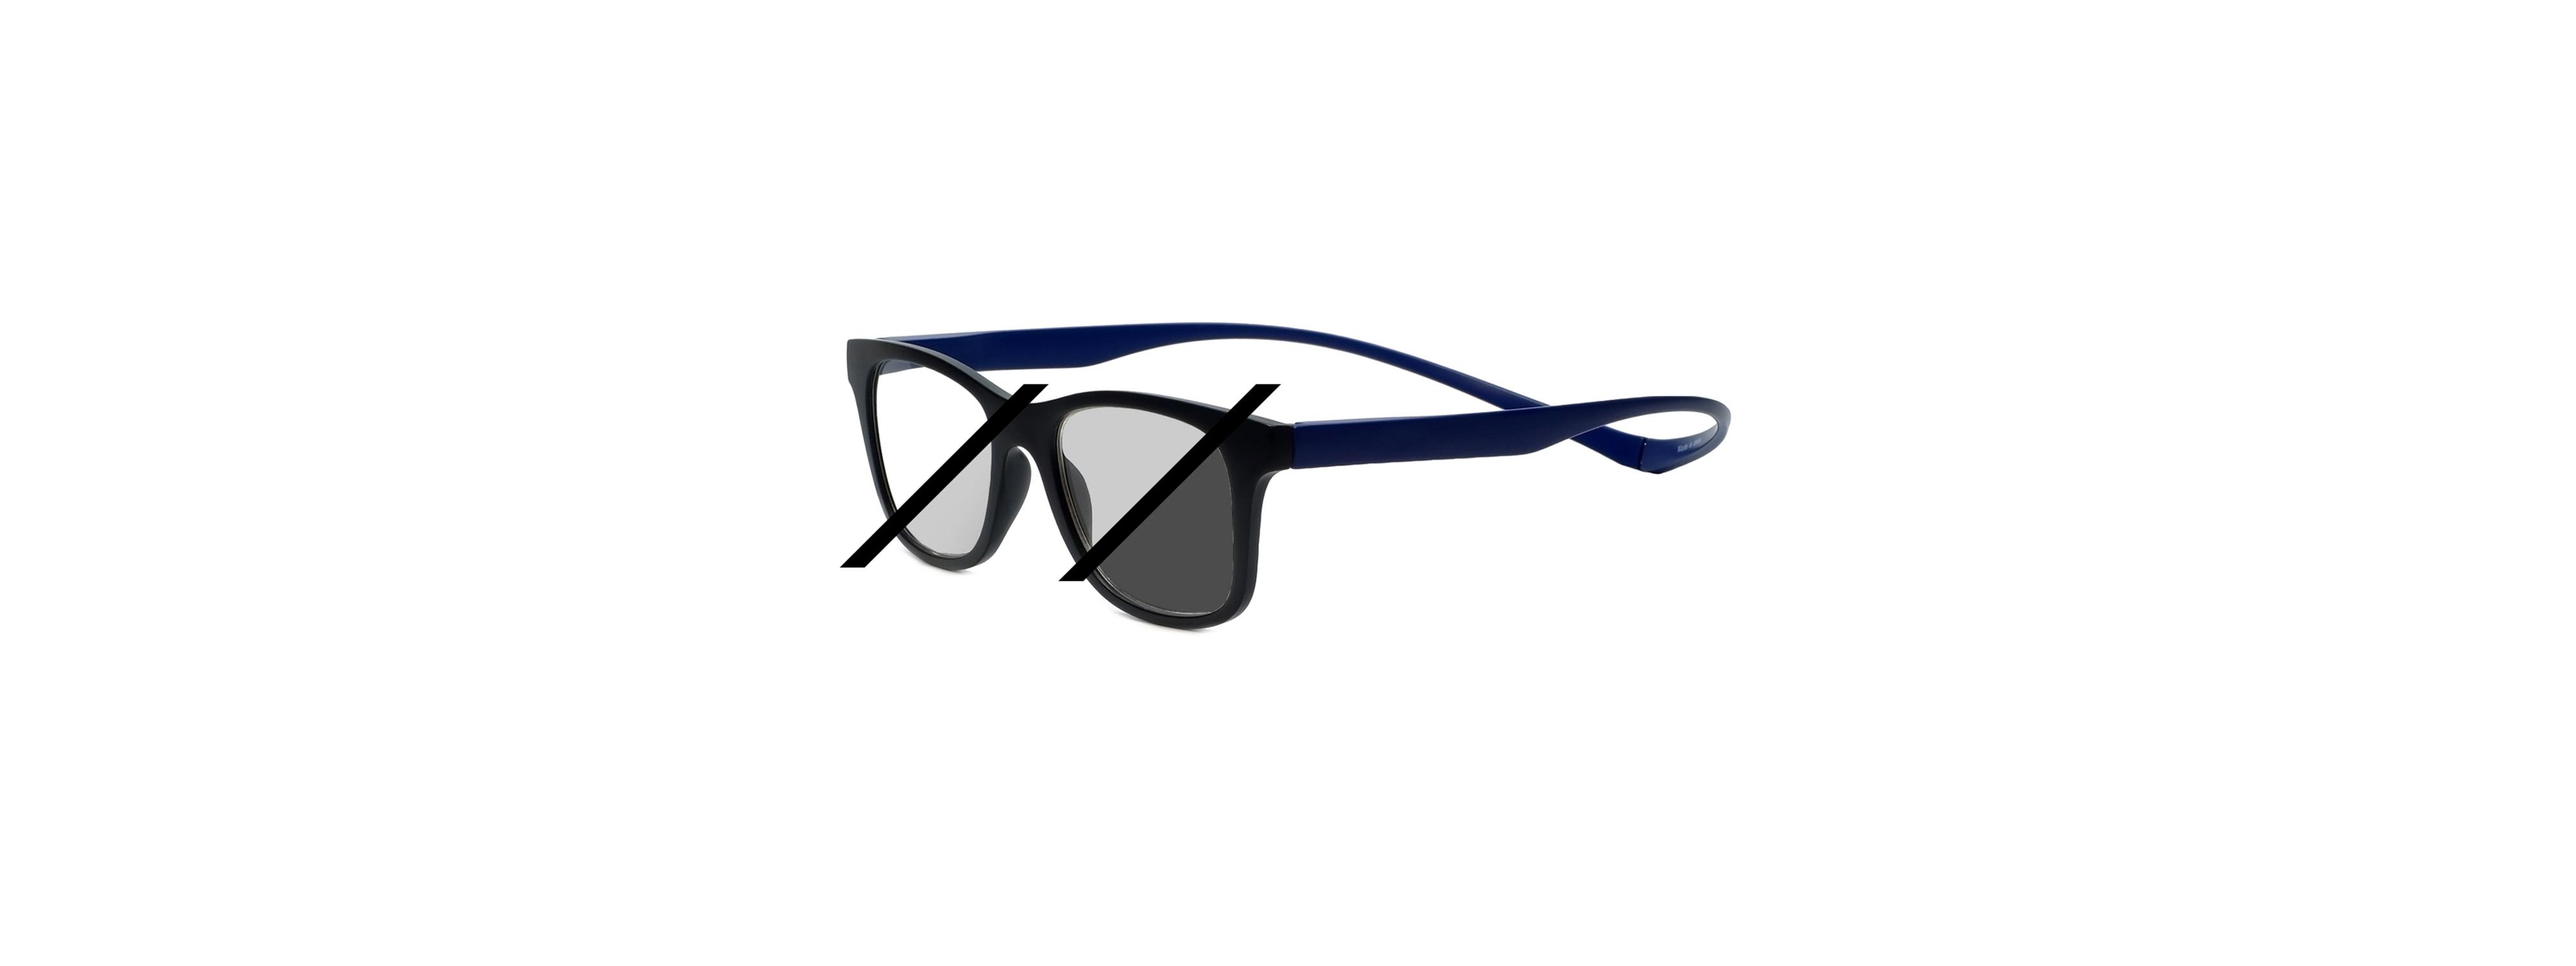 Photochromic Reading Glasses